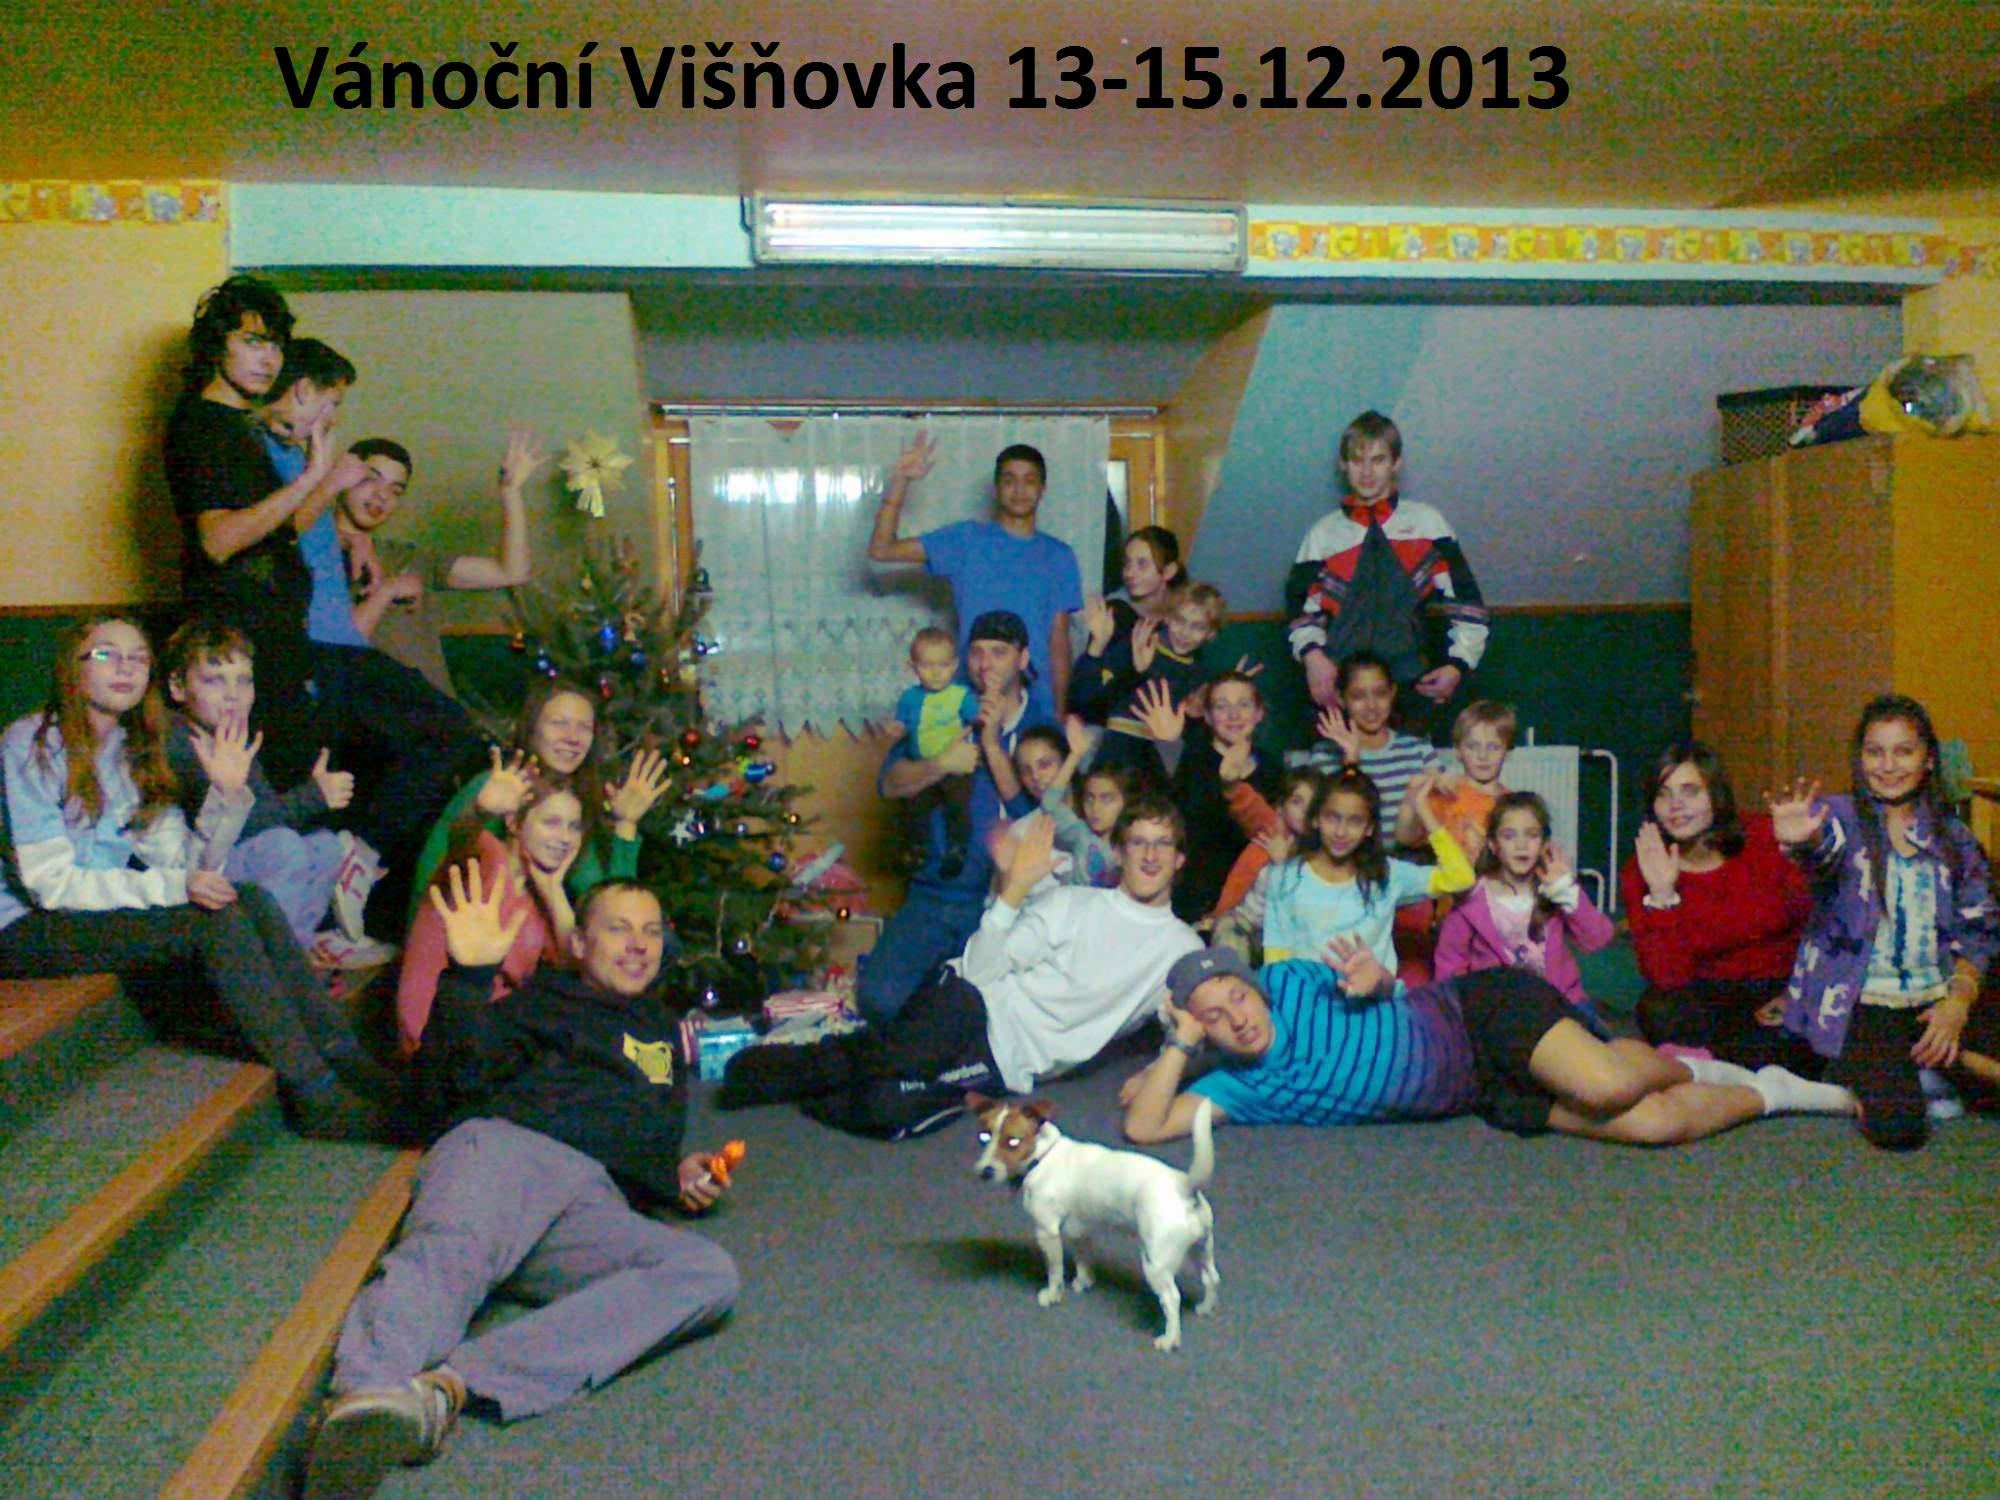 Visnovka-vanoce_12.2013